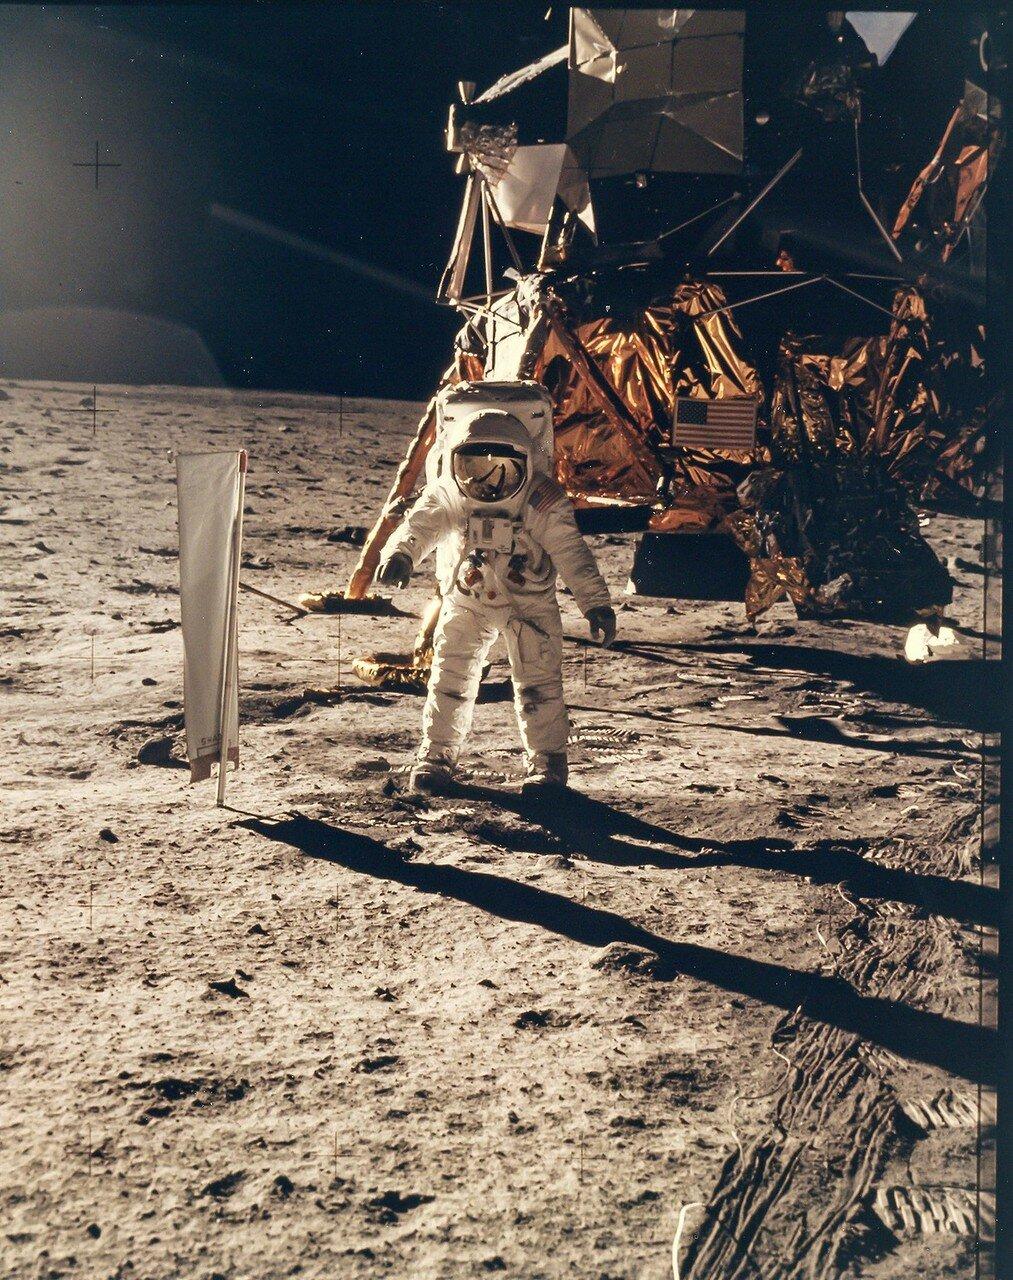 После нескольких шагов Олдрин слегка попрыгал на месте. Армстронг в это же время сделал три высоких прыжка, до полуметра в высоту.  На снимке: Базз Олдрин на Луне